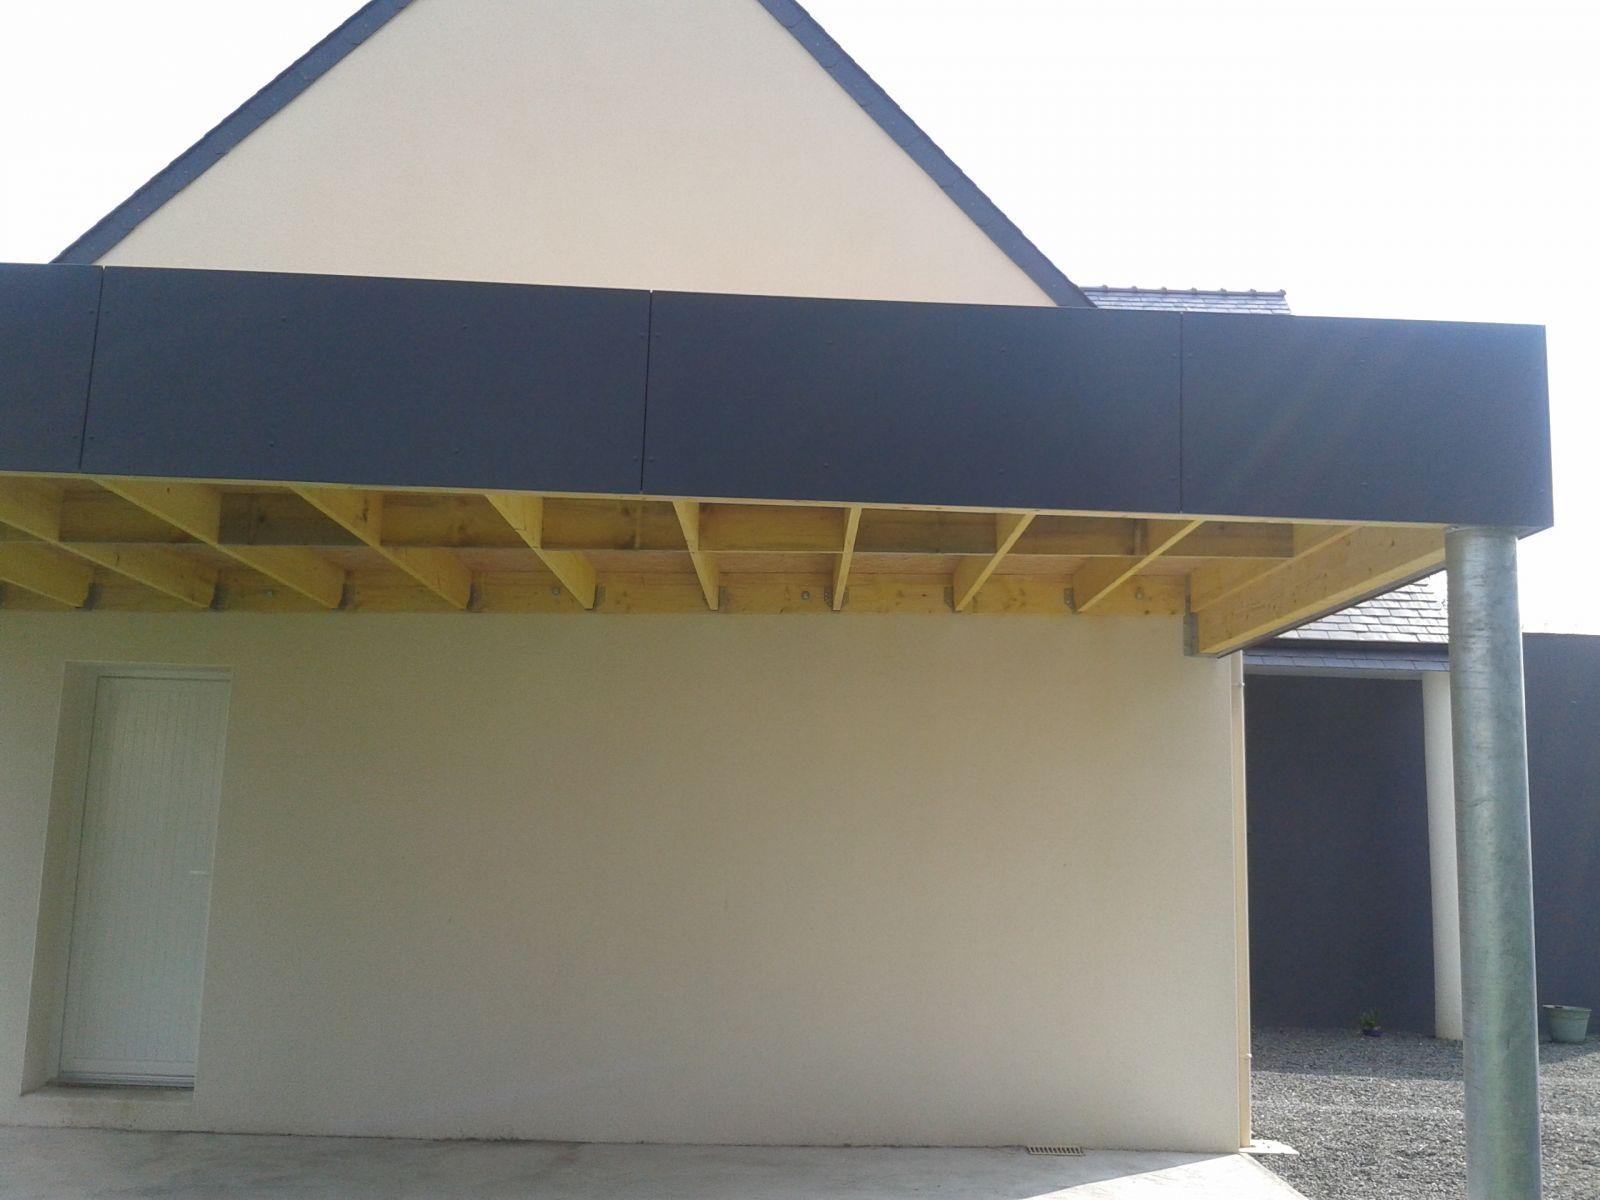 Carport avec poteau acier galvanisé acrotère en panneau